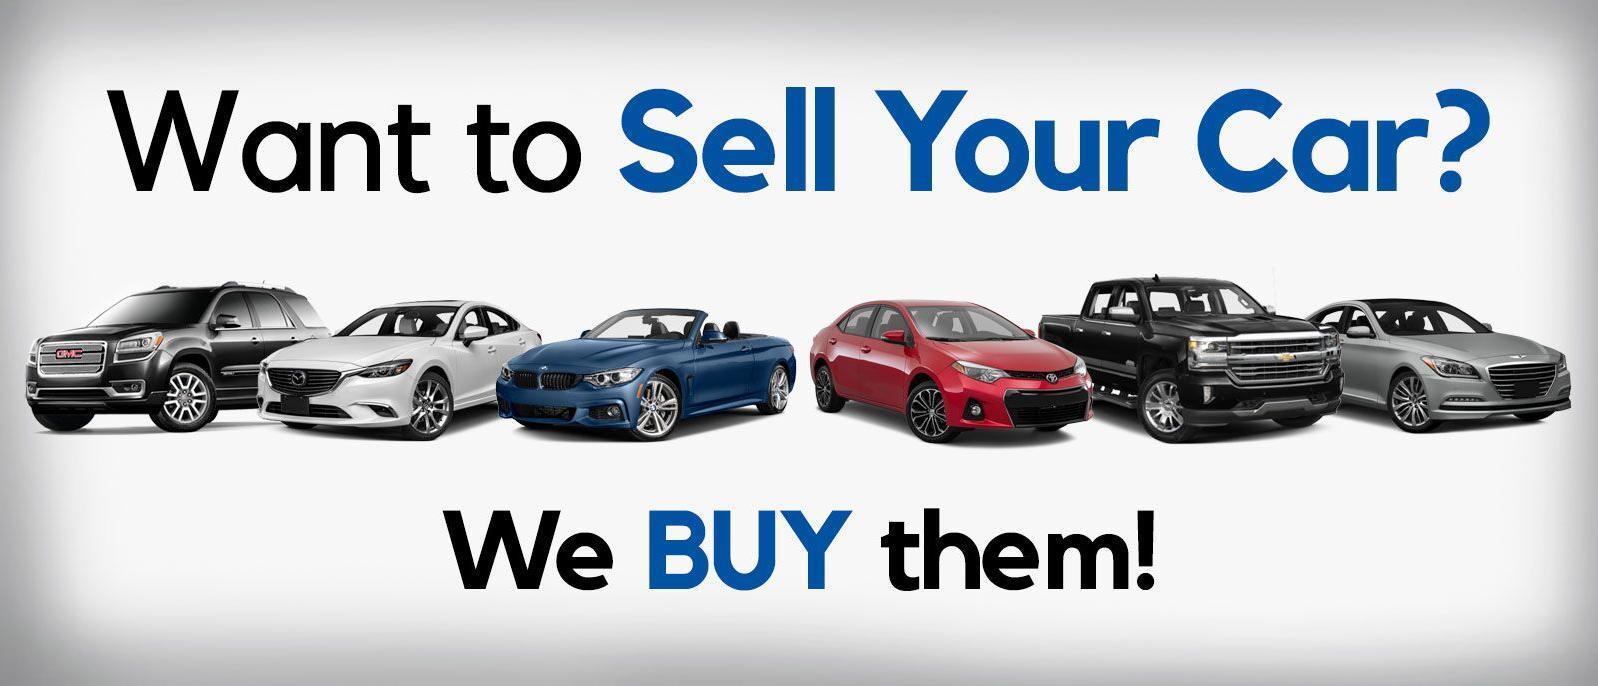 We Buy Cars at Evans Auto Brokerage & Sales